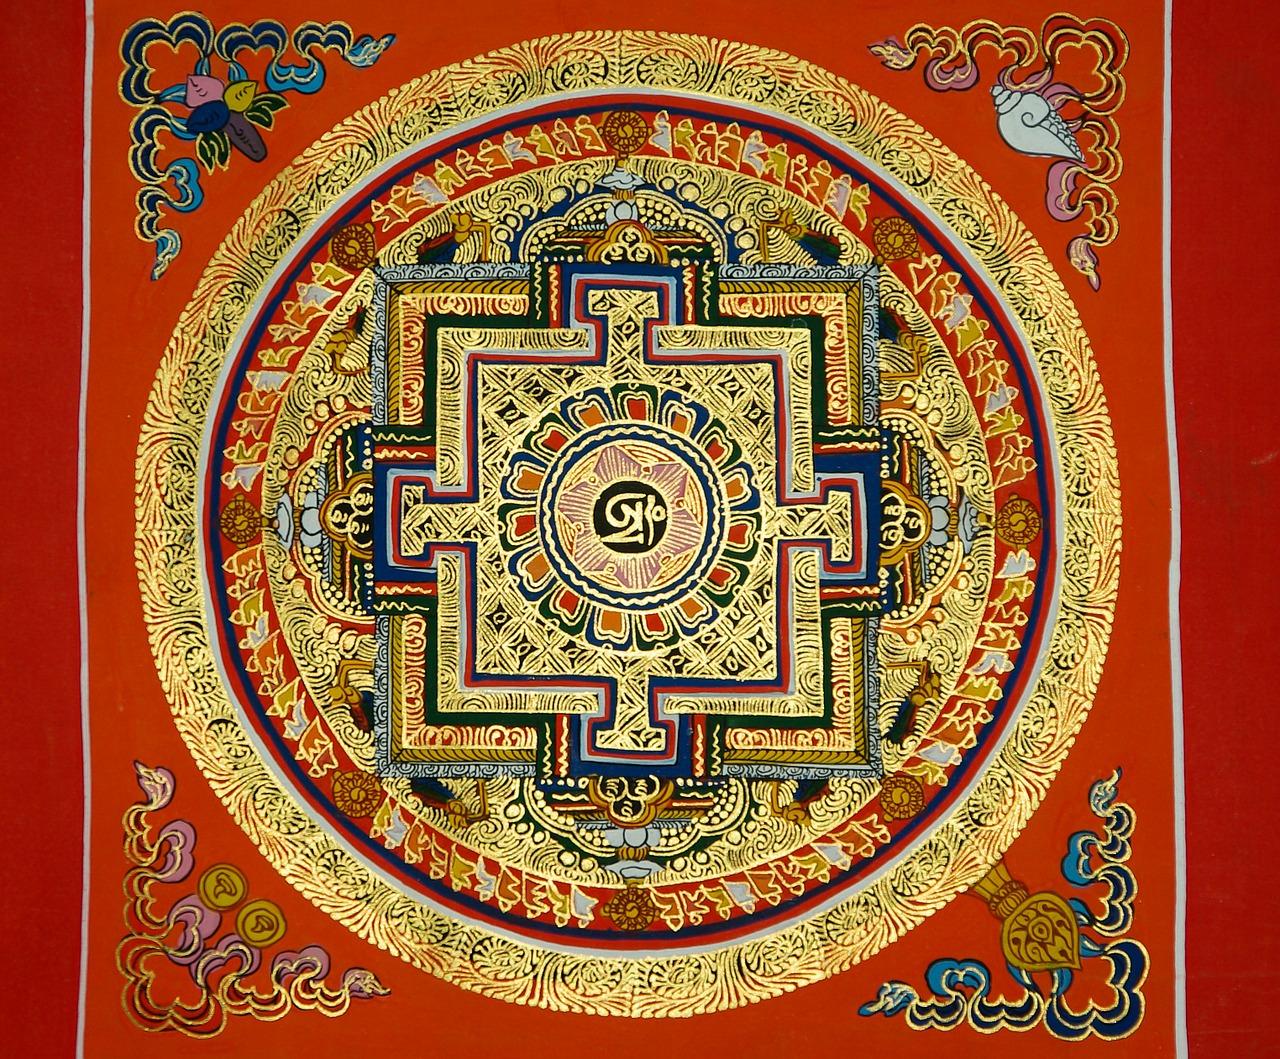 Mandala tibetano-nepalese